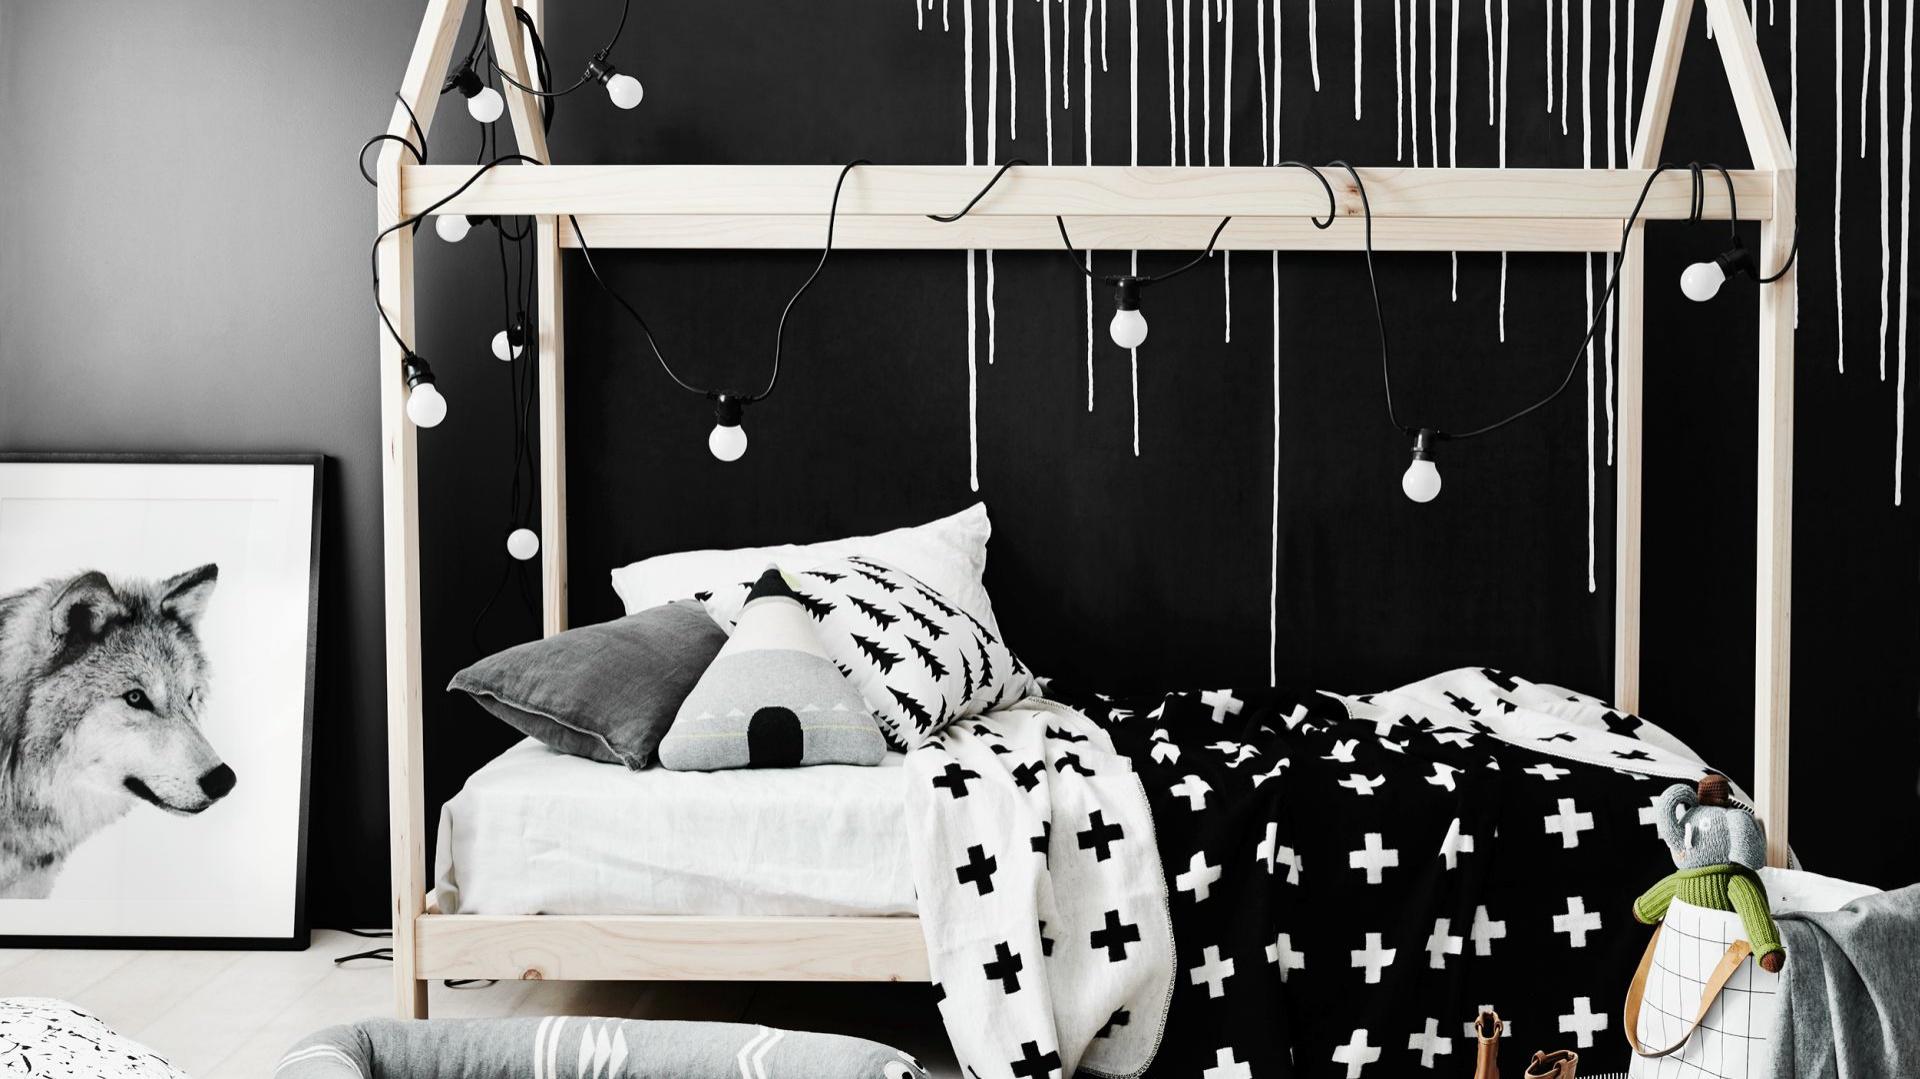 Oryginale łóżka lubią nie tylko kilkuletnie dzieci, ale też nastolatki. Aranżacja wnętrza z takim meblem w roli głównej, wzbogaconym o subtelne girlandy, czasem pozwoli poczuć się jak dziecko nawet prawie dorosłej dziewczynie. Fot. Norsu Interiors.